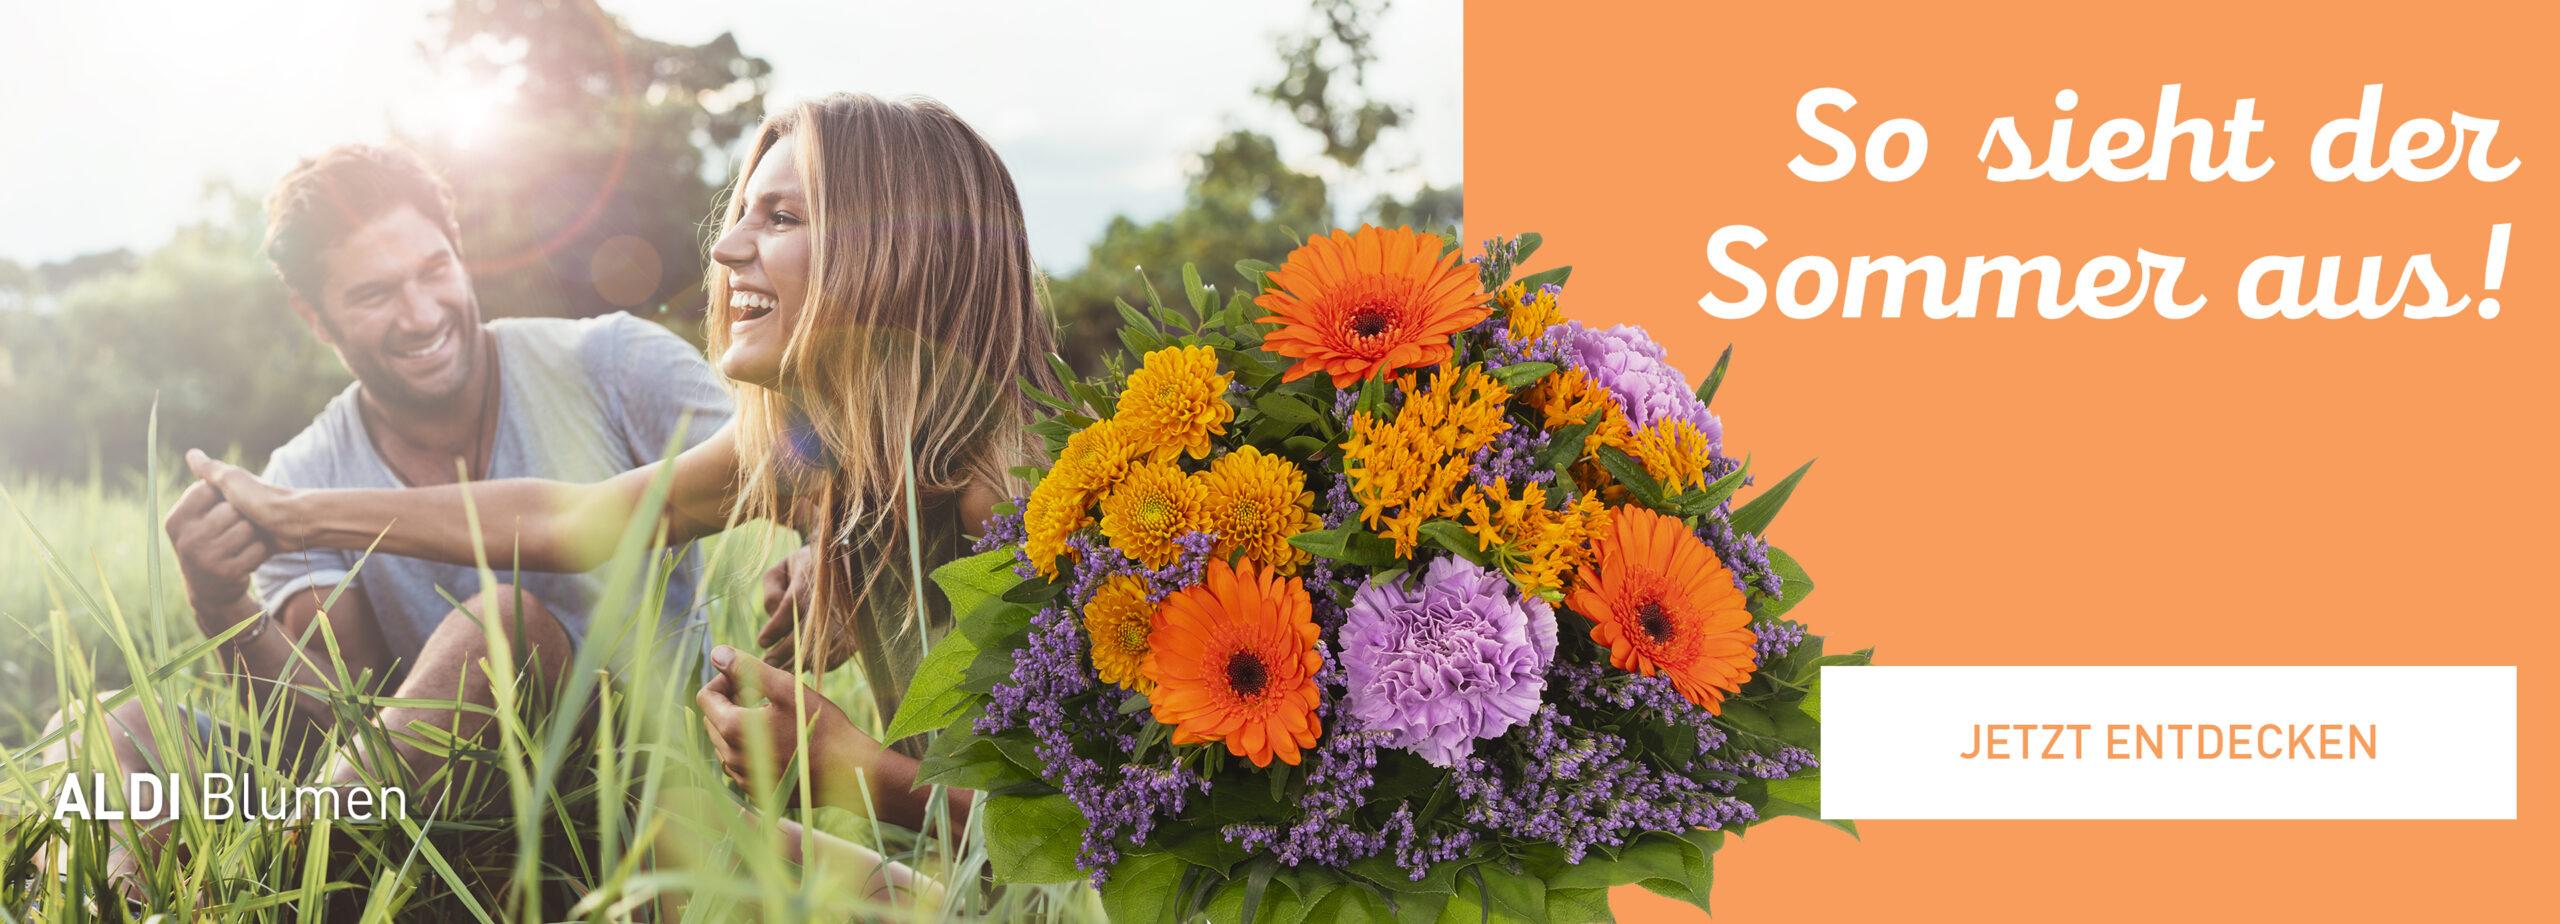 Full Size of Kippliege Aldi Online Services Von Nord Praktische Dienste Fr Kunden Relaxsessel Garten Wohnzimmer Kippliege Aldi